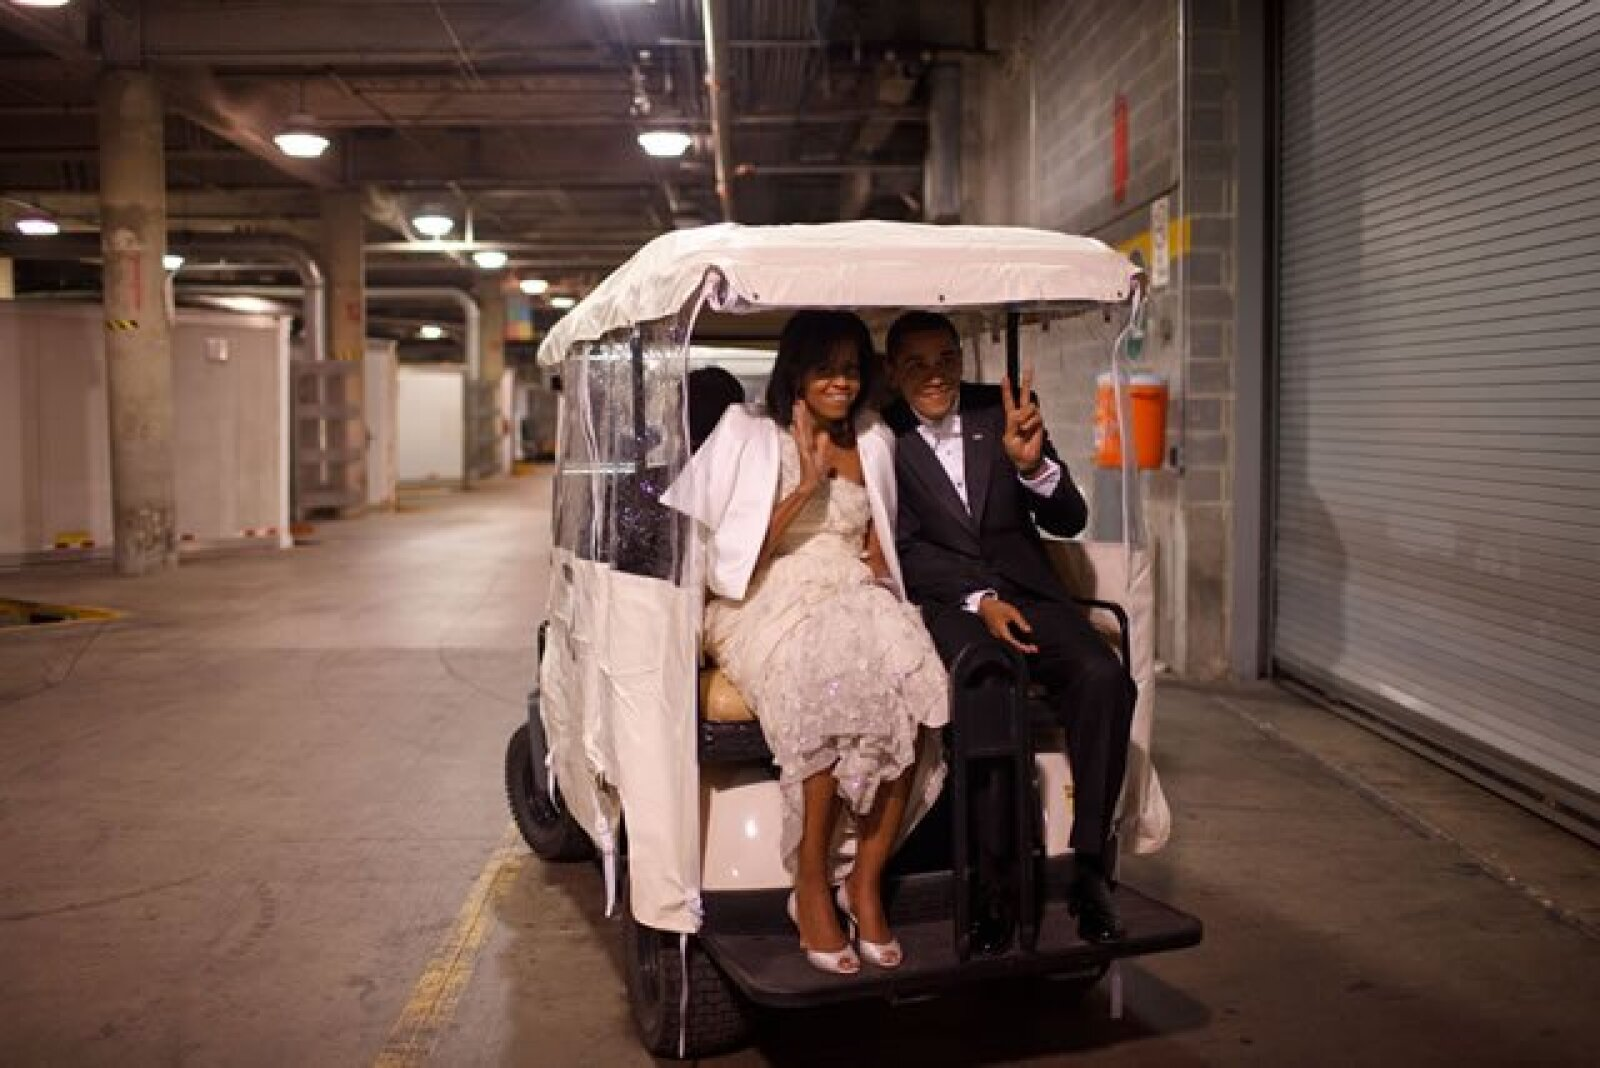 La pareja presidencial se dirige al Inaugural Ball en un carrito de golf.